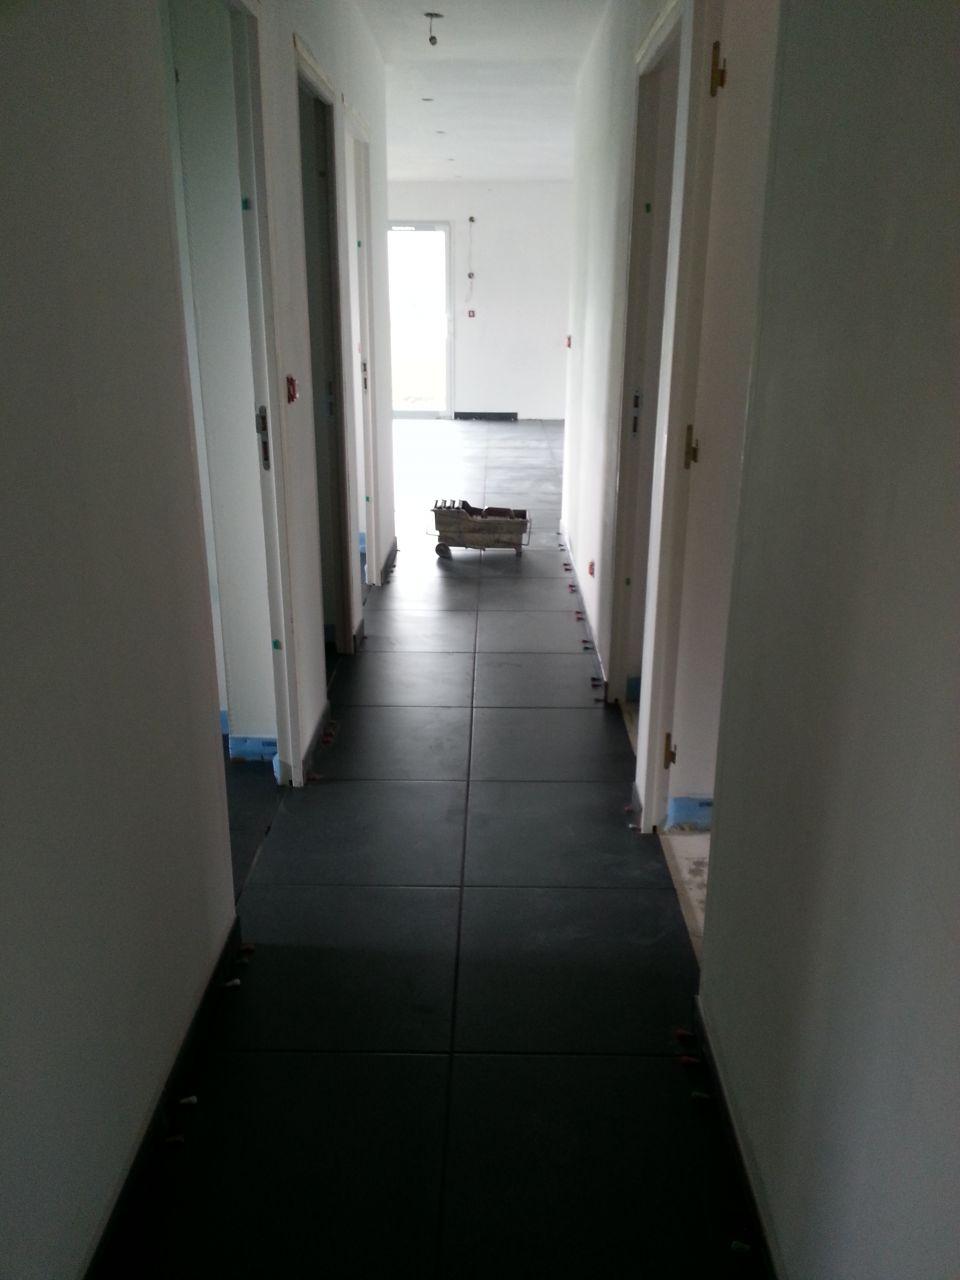 Samedi 06 juillet 2013 pose du carrelage au sol du 01 08 - Faience pour couloir ...